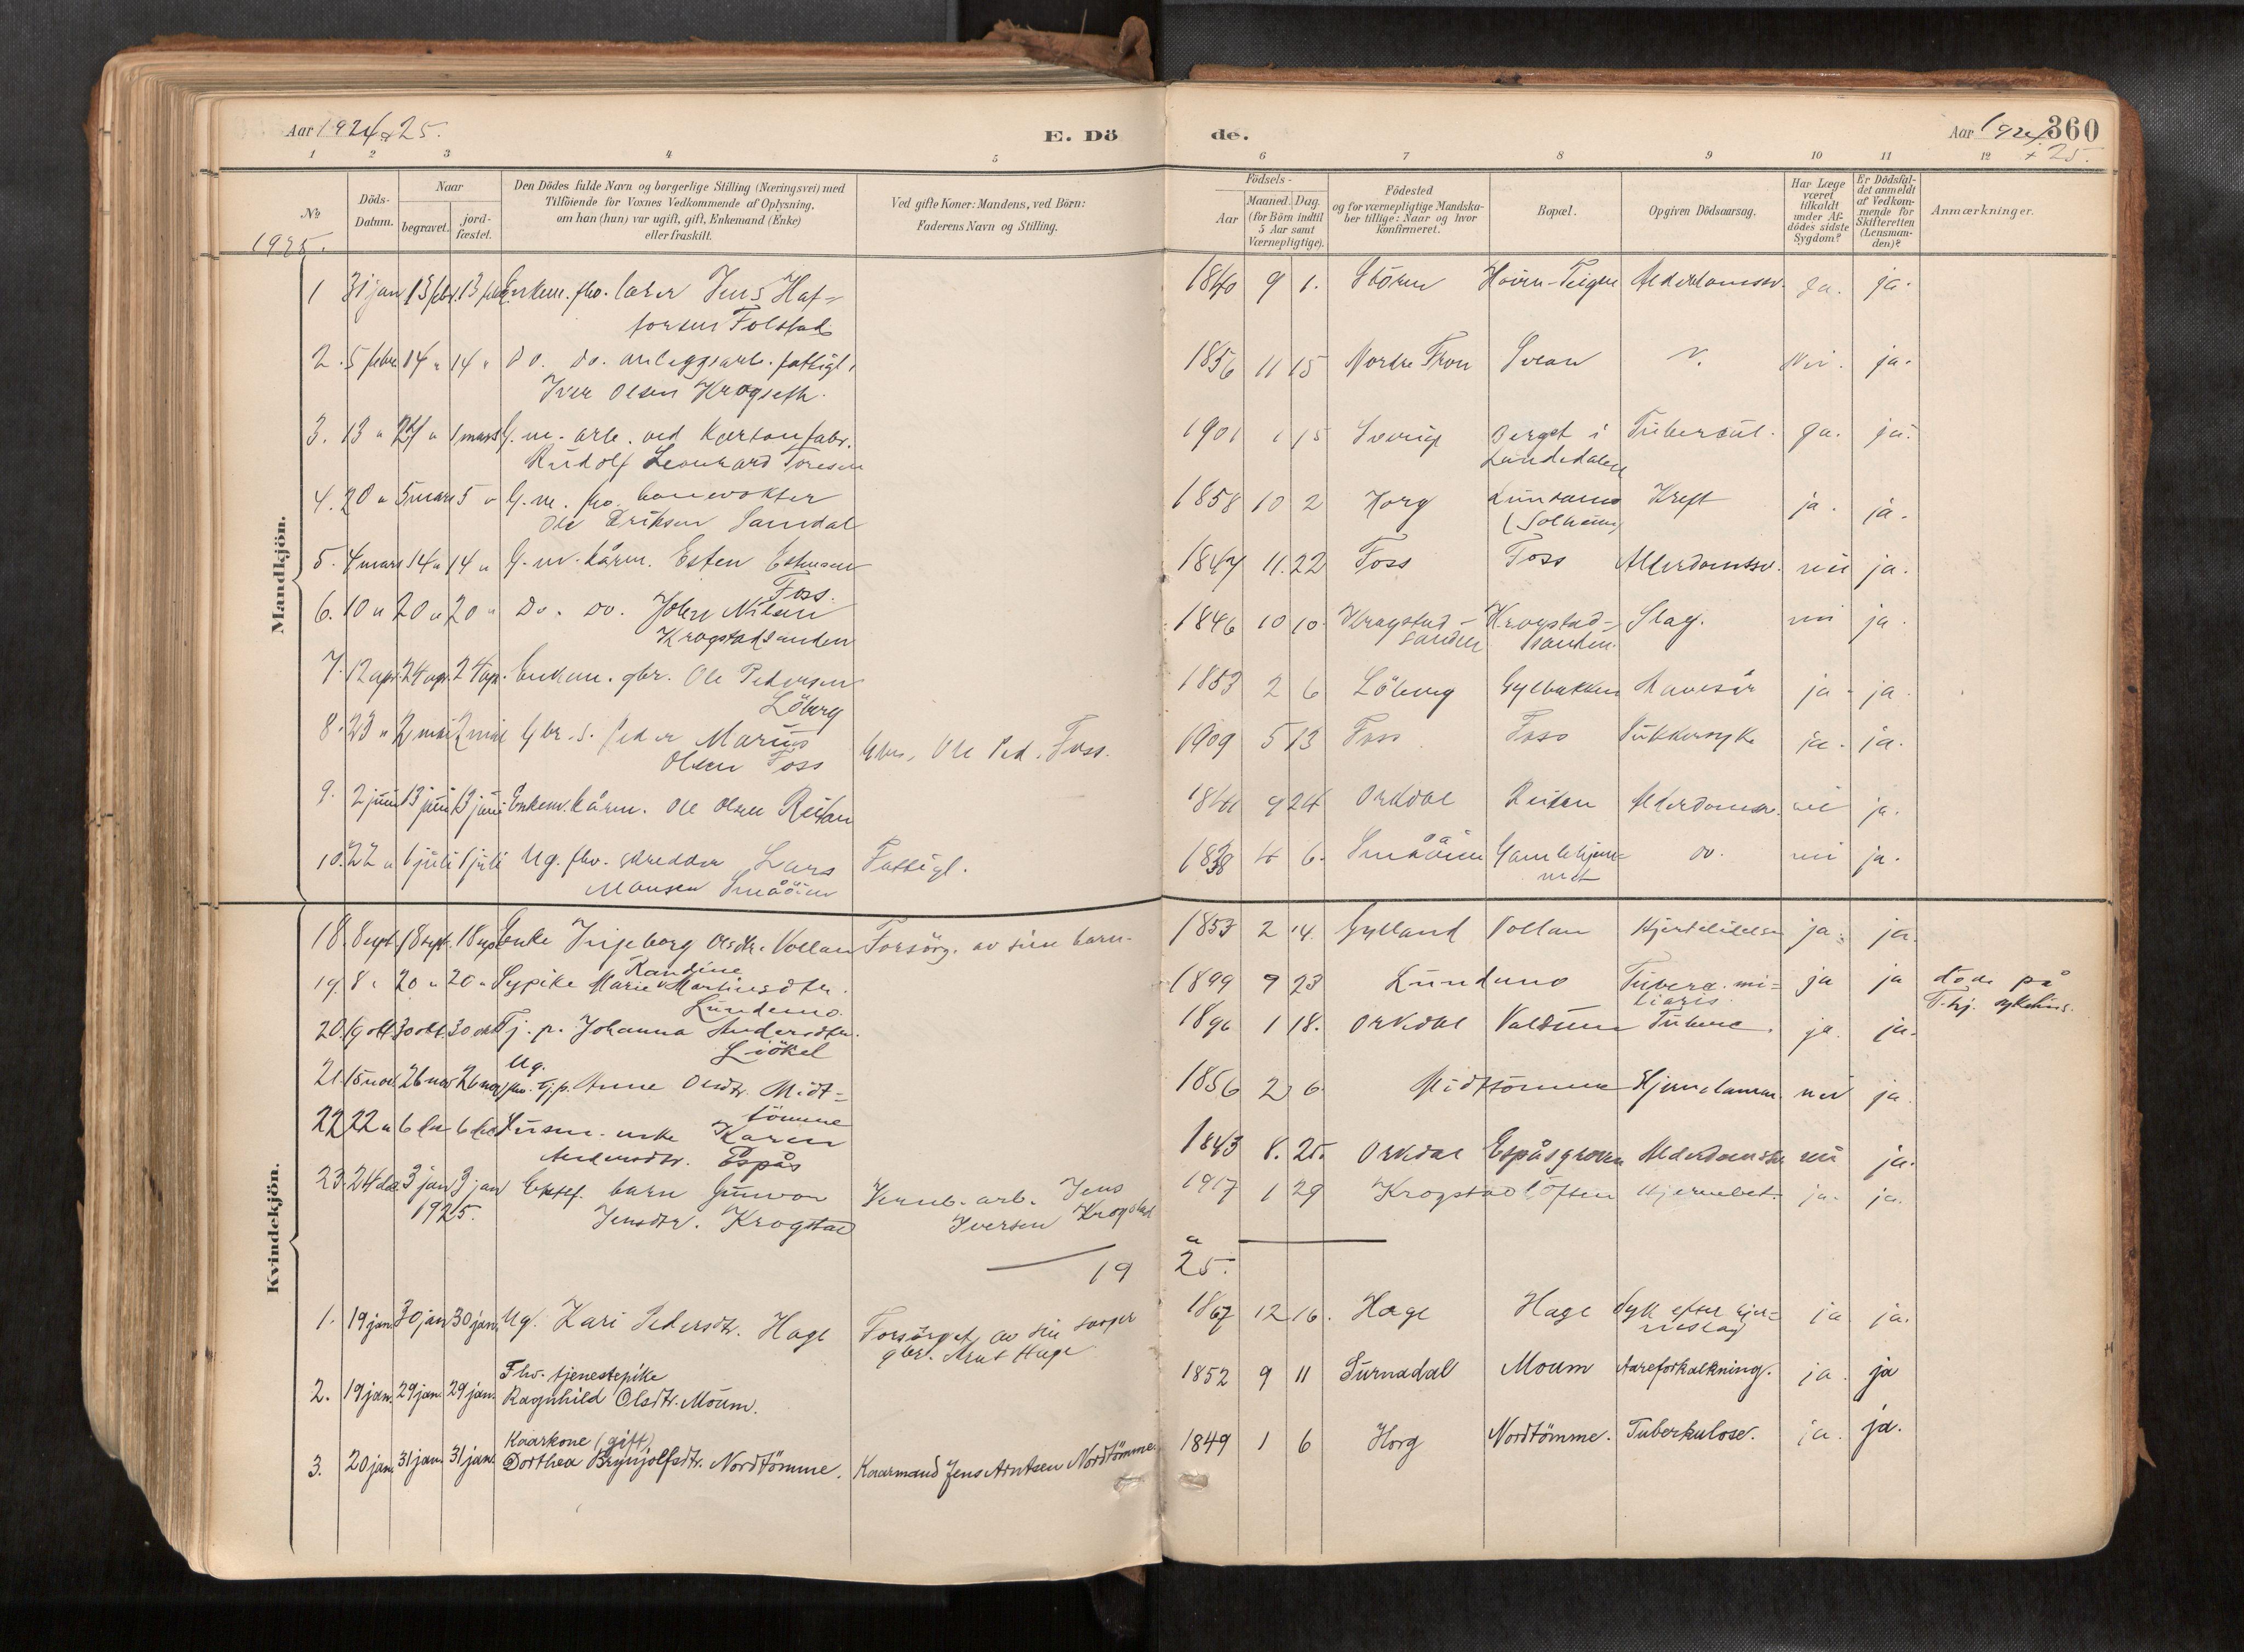 SAT, Ministerialprotokoller, klokkerbøker og fødselsregistre - Sør-Trøndelag, 692/L1105b: Ministerialbok nr. 692A06, 1891-1934, s. 360